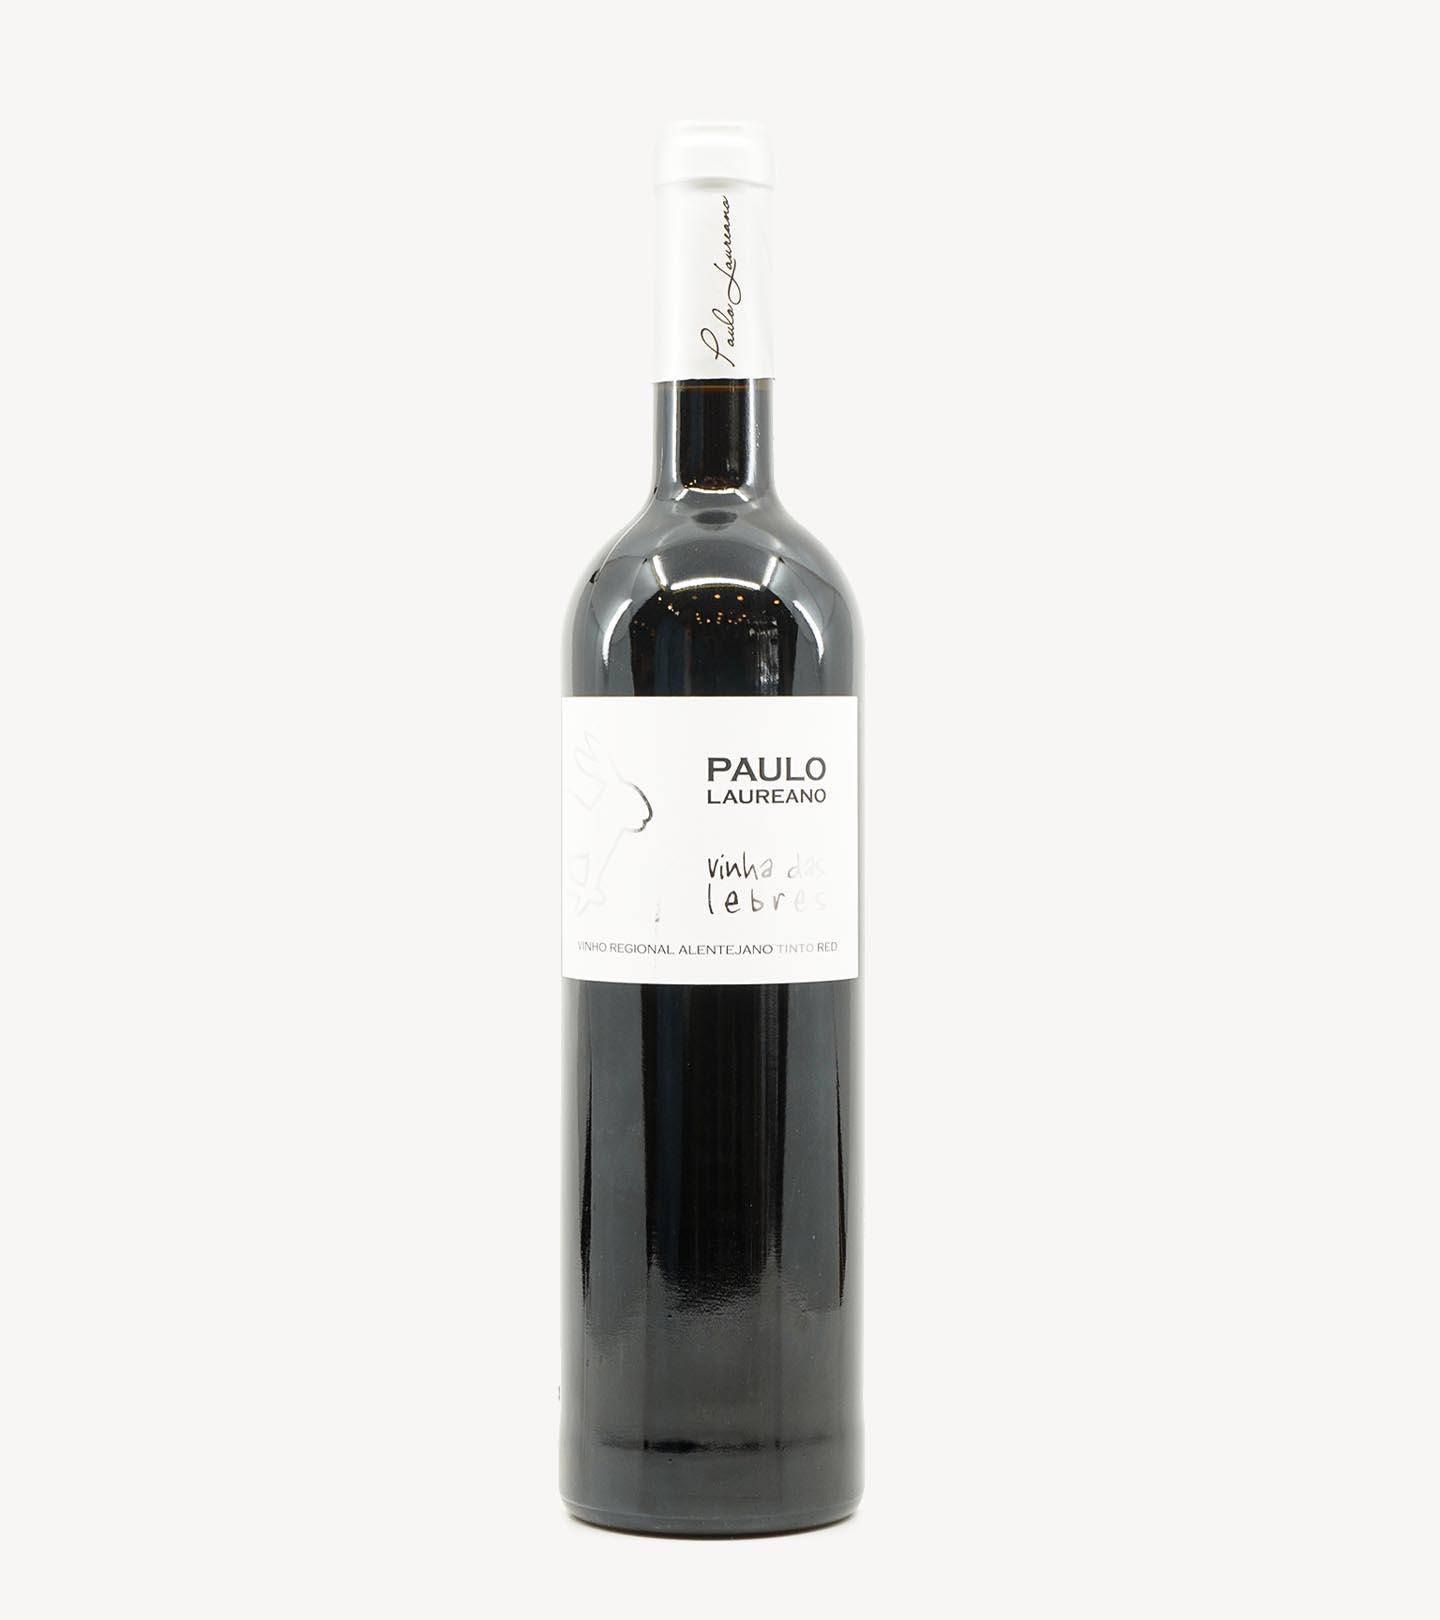 Vinho Tinto Alentejano Paulo Laureano Vinha das Lebres 75cl